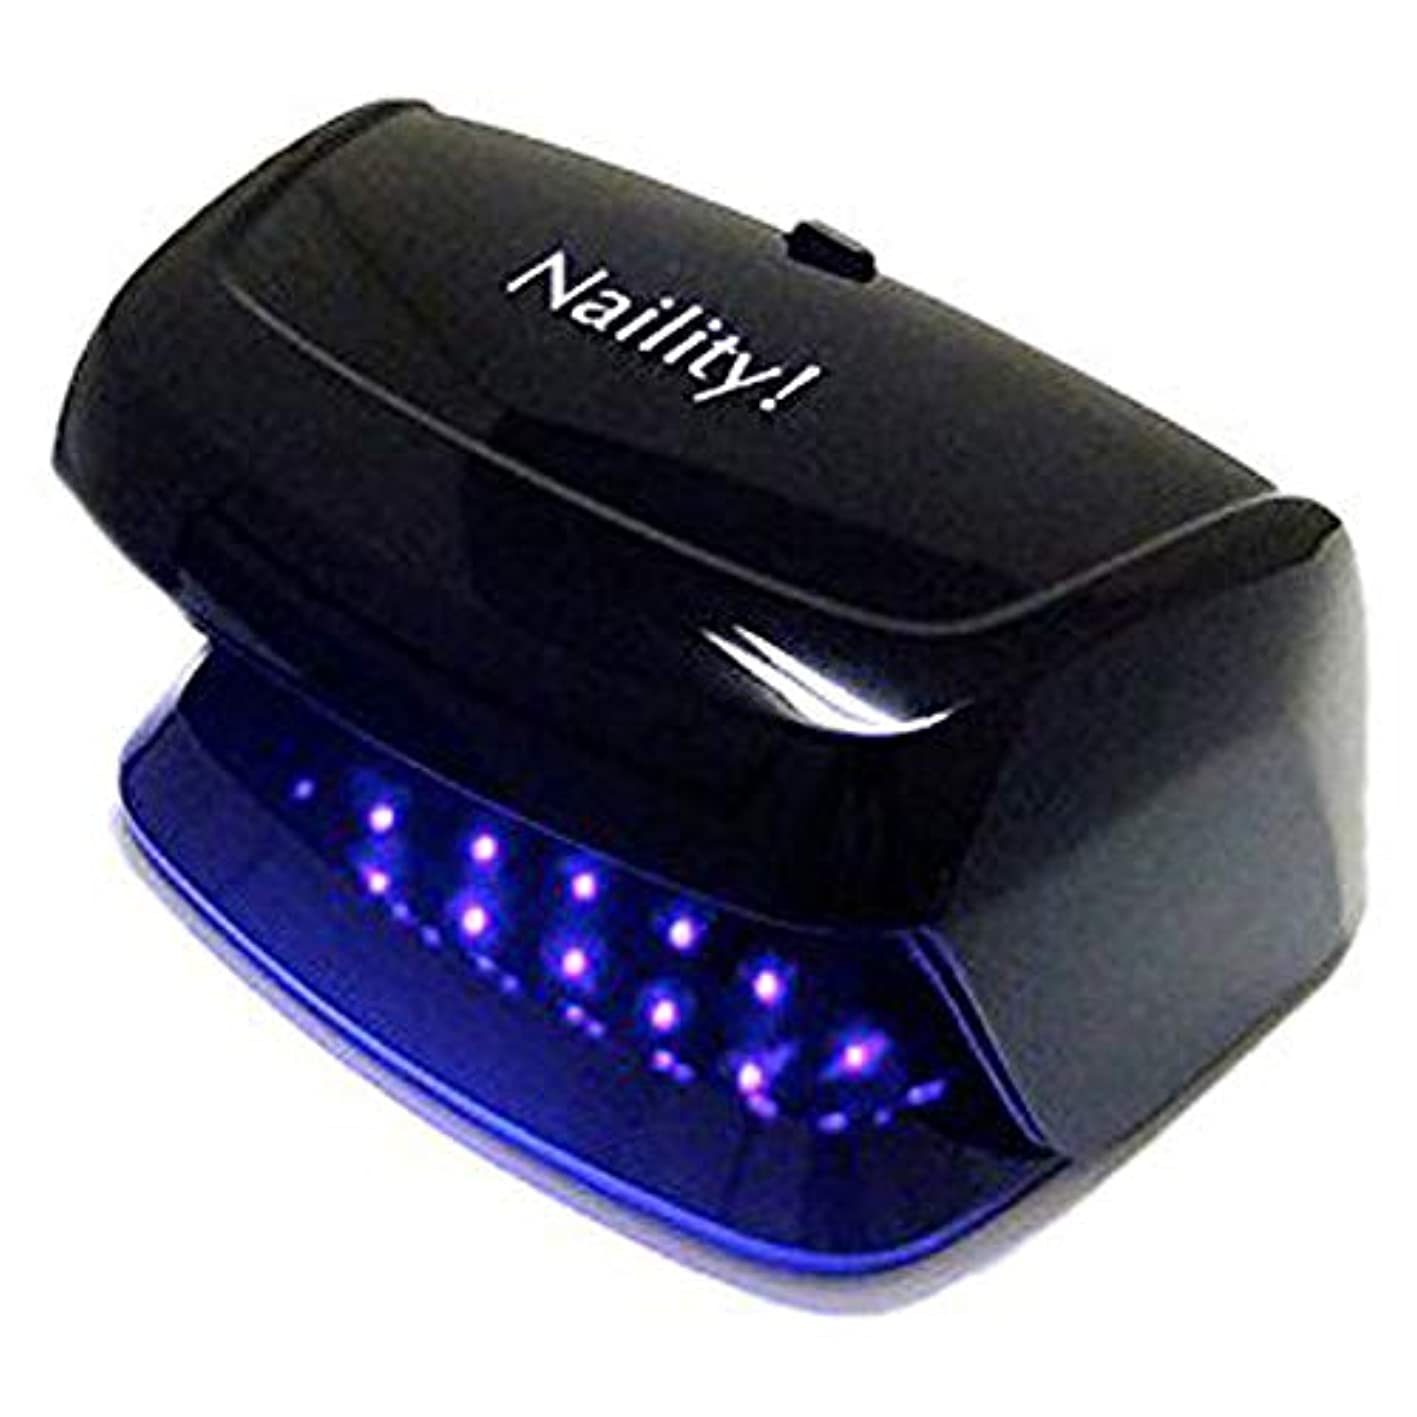 バッジレガシー名詞Naility!(ネイリティ!) Naility! LEDライト 3W /Black ジェルネイル 1個